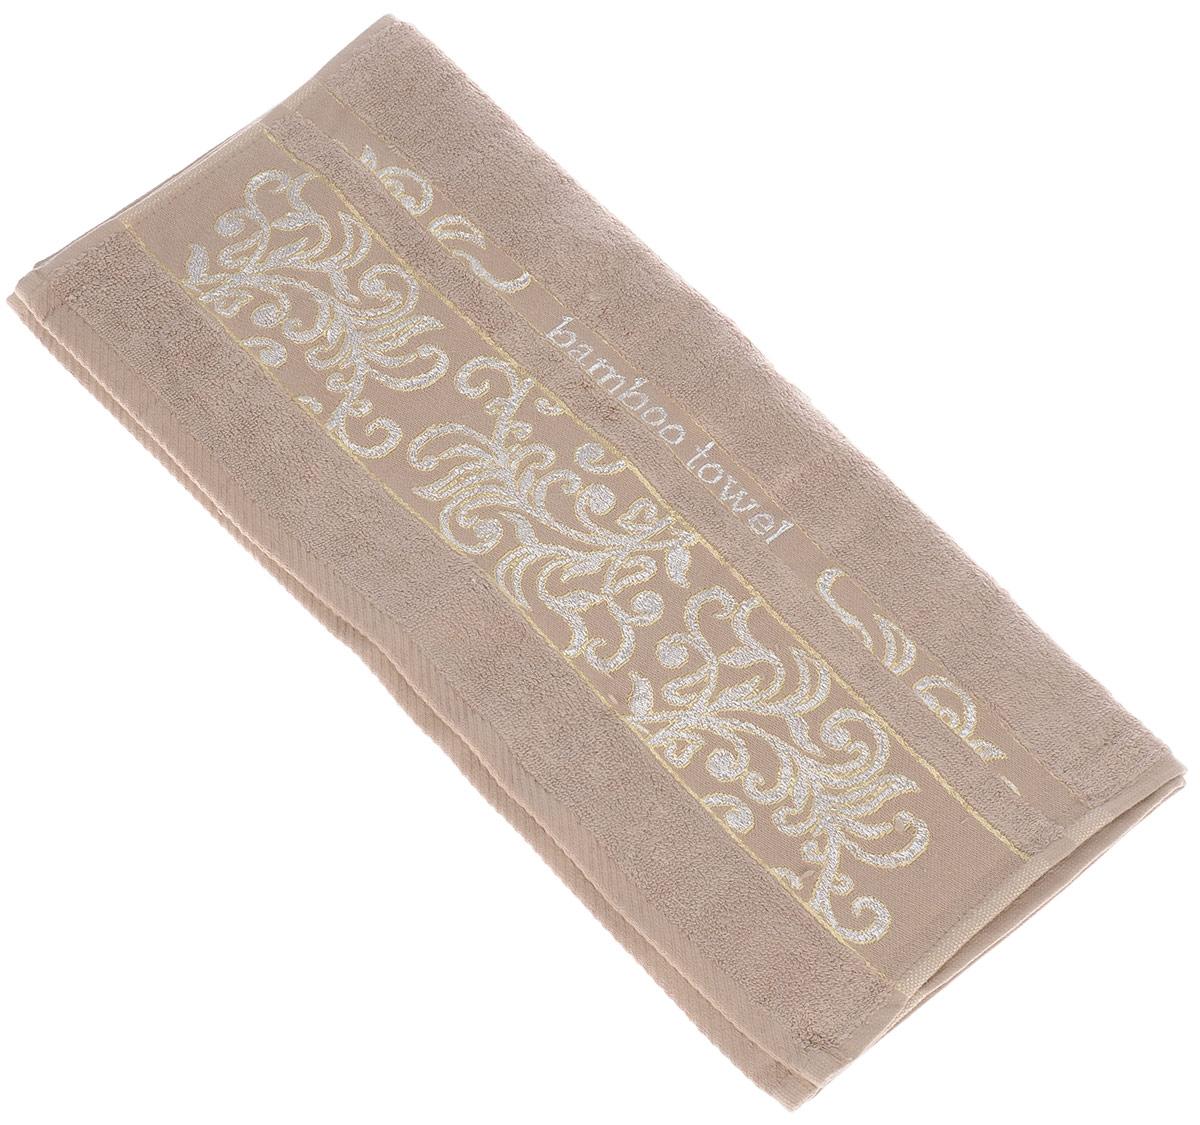 """Полотенце Brielle """"Bamboo. Jacquard"""" выполнено из бамбука с содержанием хлопка. Изделие очень мягкое, оно отлично впитывает влагу, быстро сохнет, сохраняет яркость цвета и не теряет формы даже после многократных стирок. Модель оформлена узорным рисунком и надписью.Полотенце Brielle """"Bamboo. Jacquard"""" очень практично и неприхотливо в уходе.Такое полотенце послужит приятным подарком."""